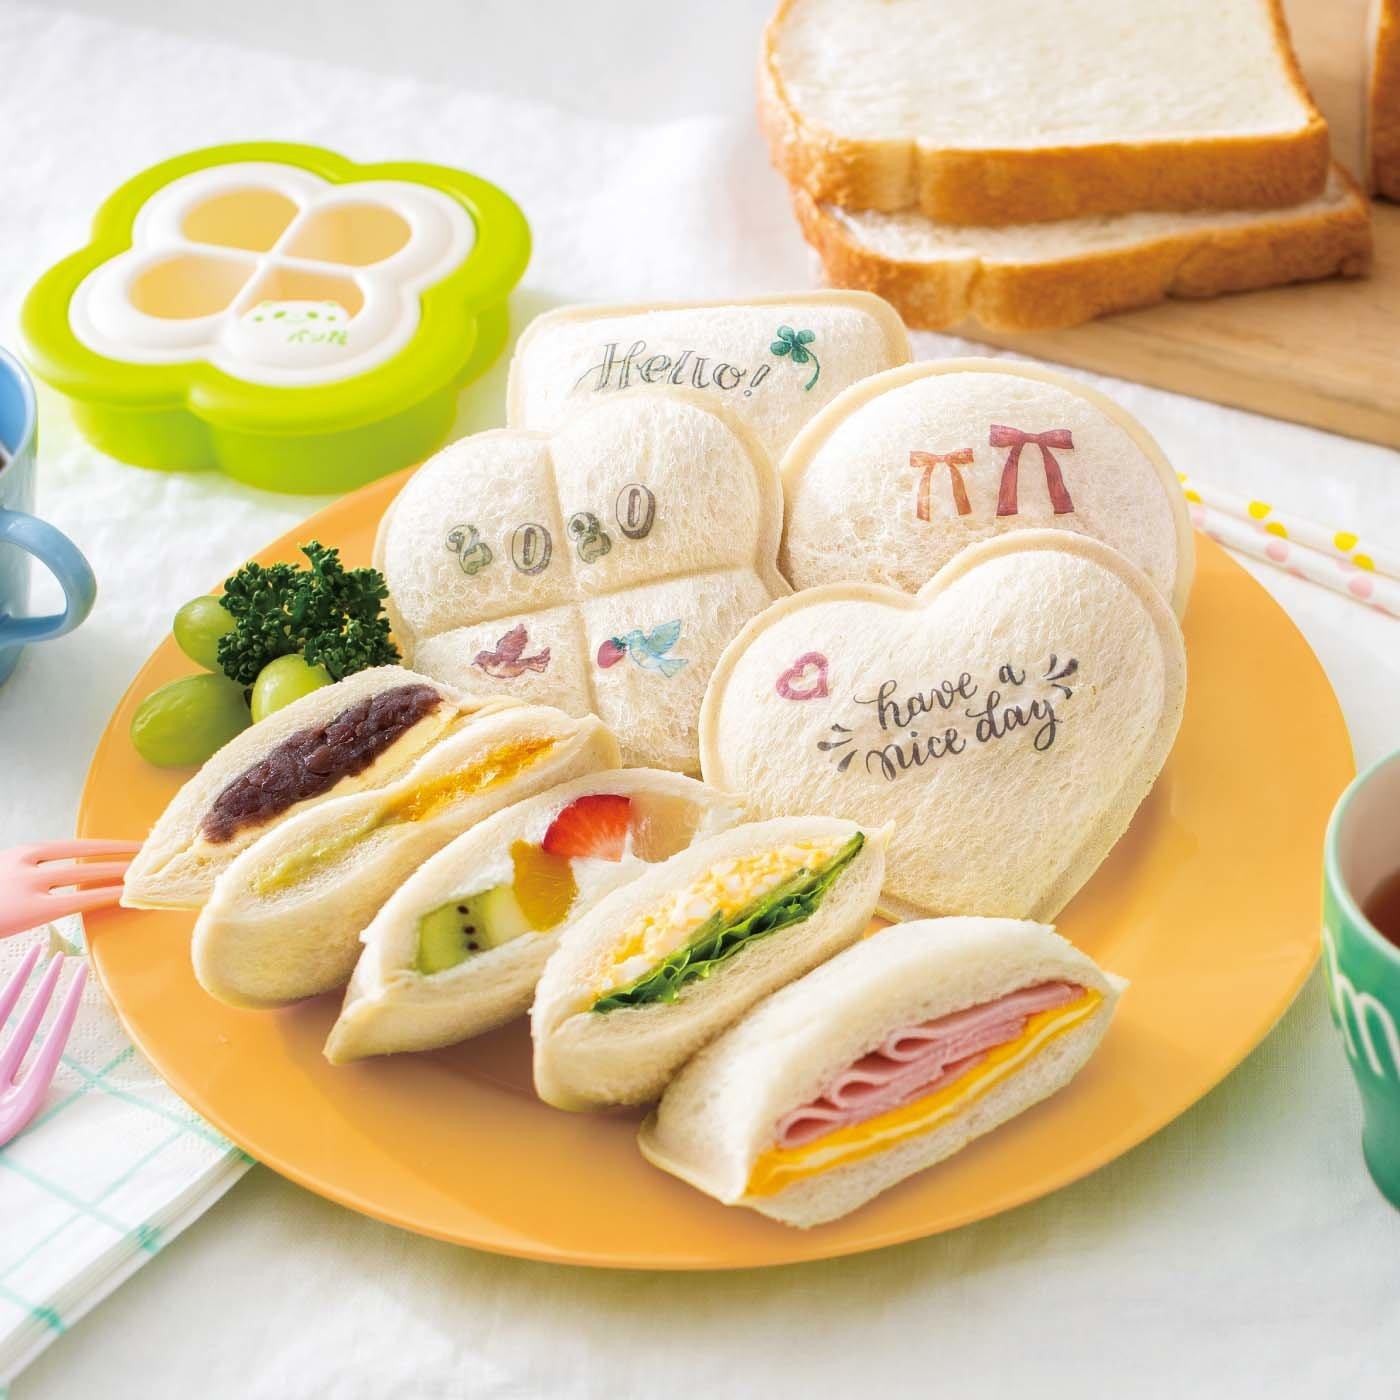 minitsuku chocott 型を抜いてシートでおめかし サンドイッチメーカーと食べられるデコシートの会